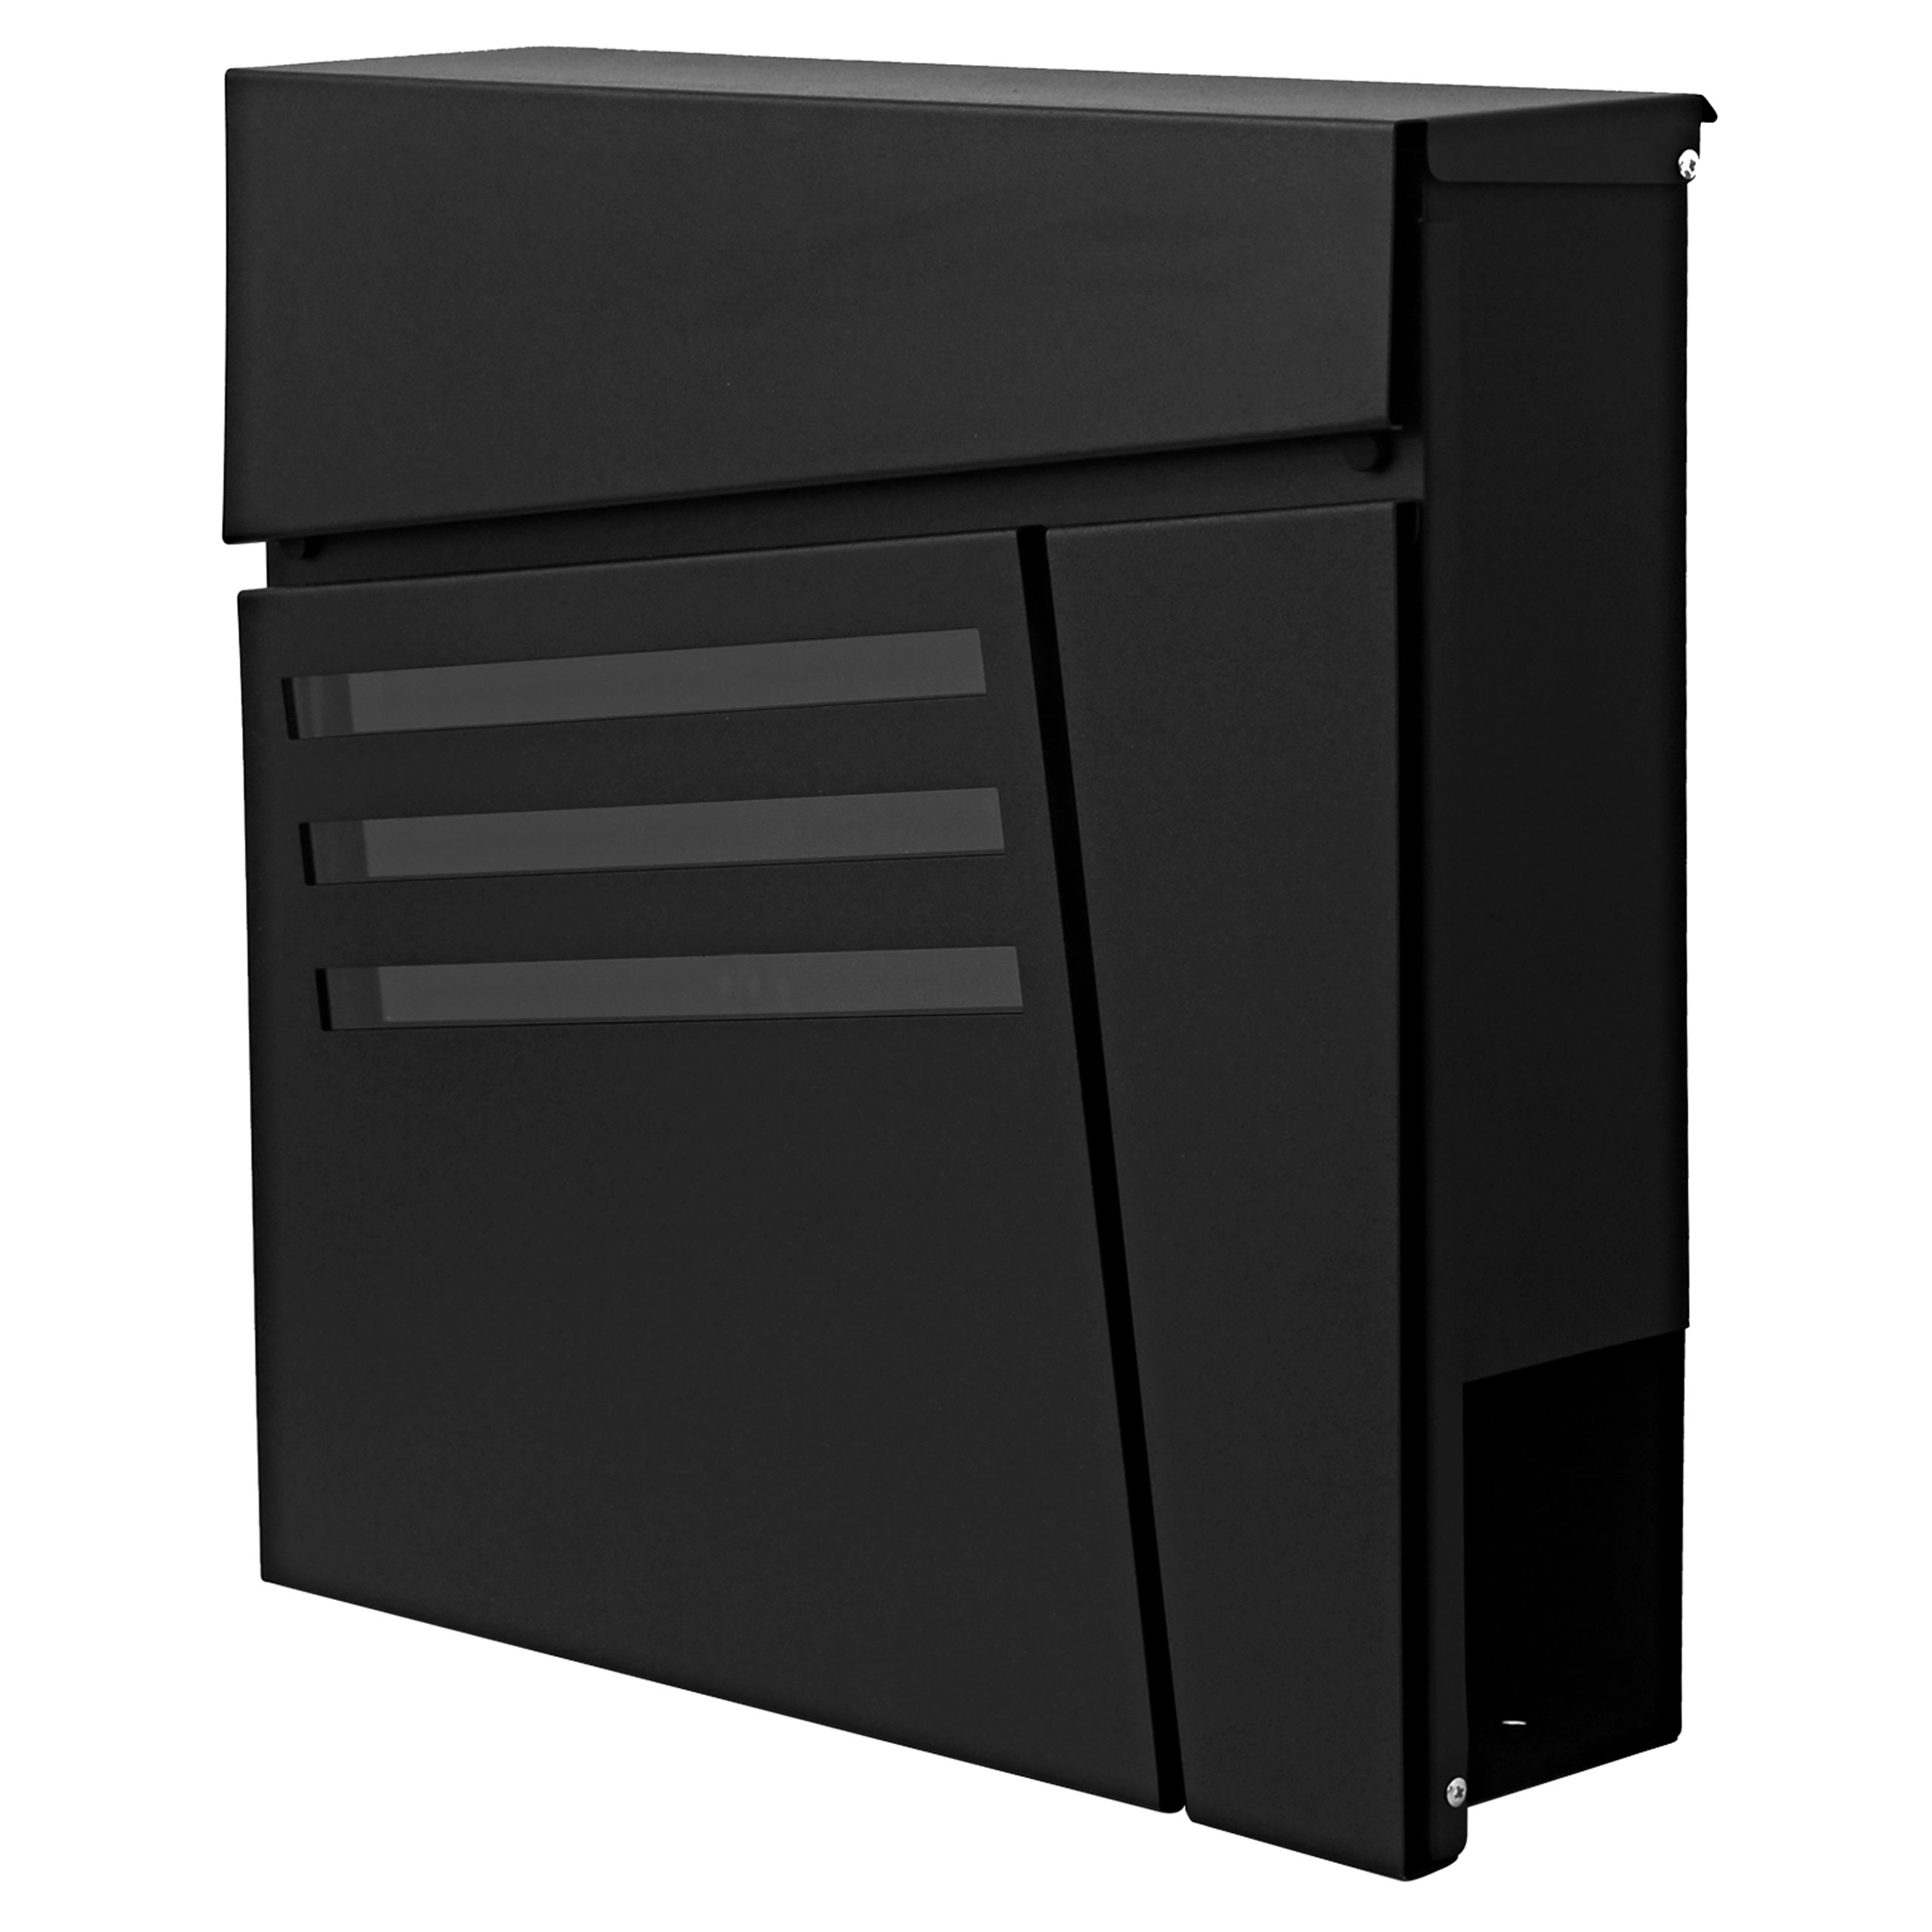 briefkasten mcw b33 wandbriefkasten postkasten zeitungsfach pulverbeschichtet anthrazit. Black Bedroom Furniture Sets. Home Design Ideas